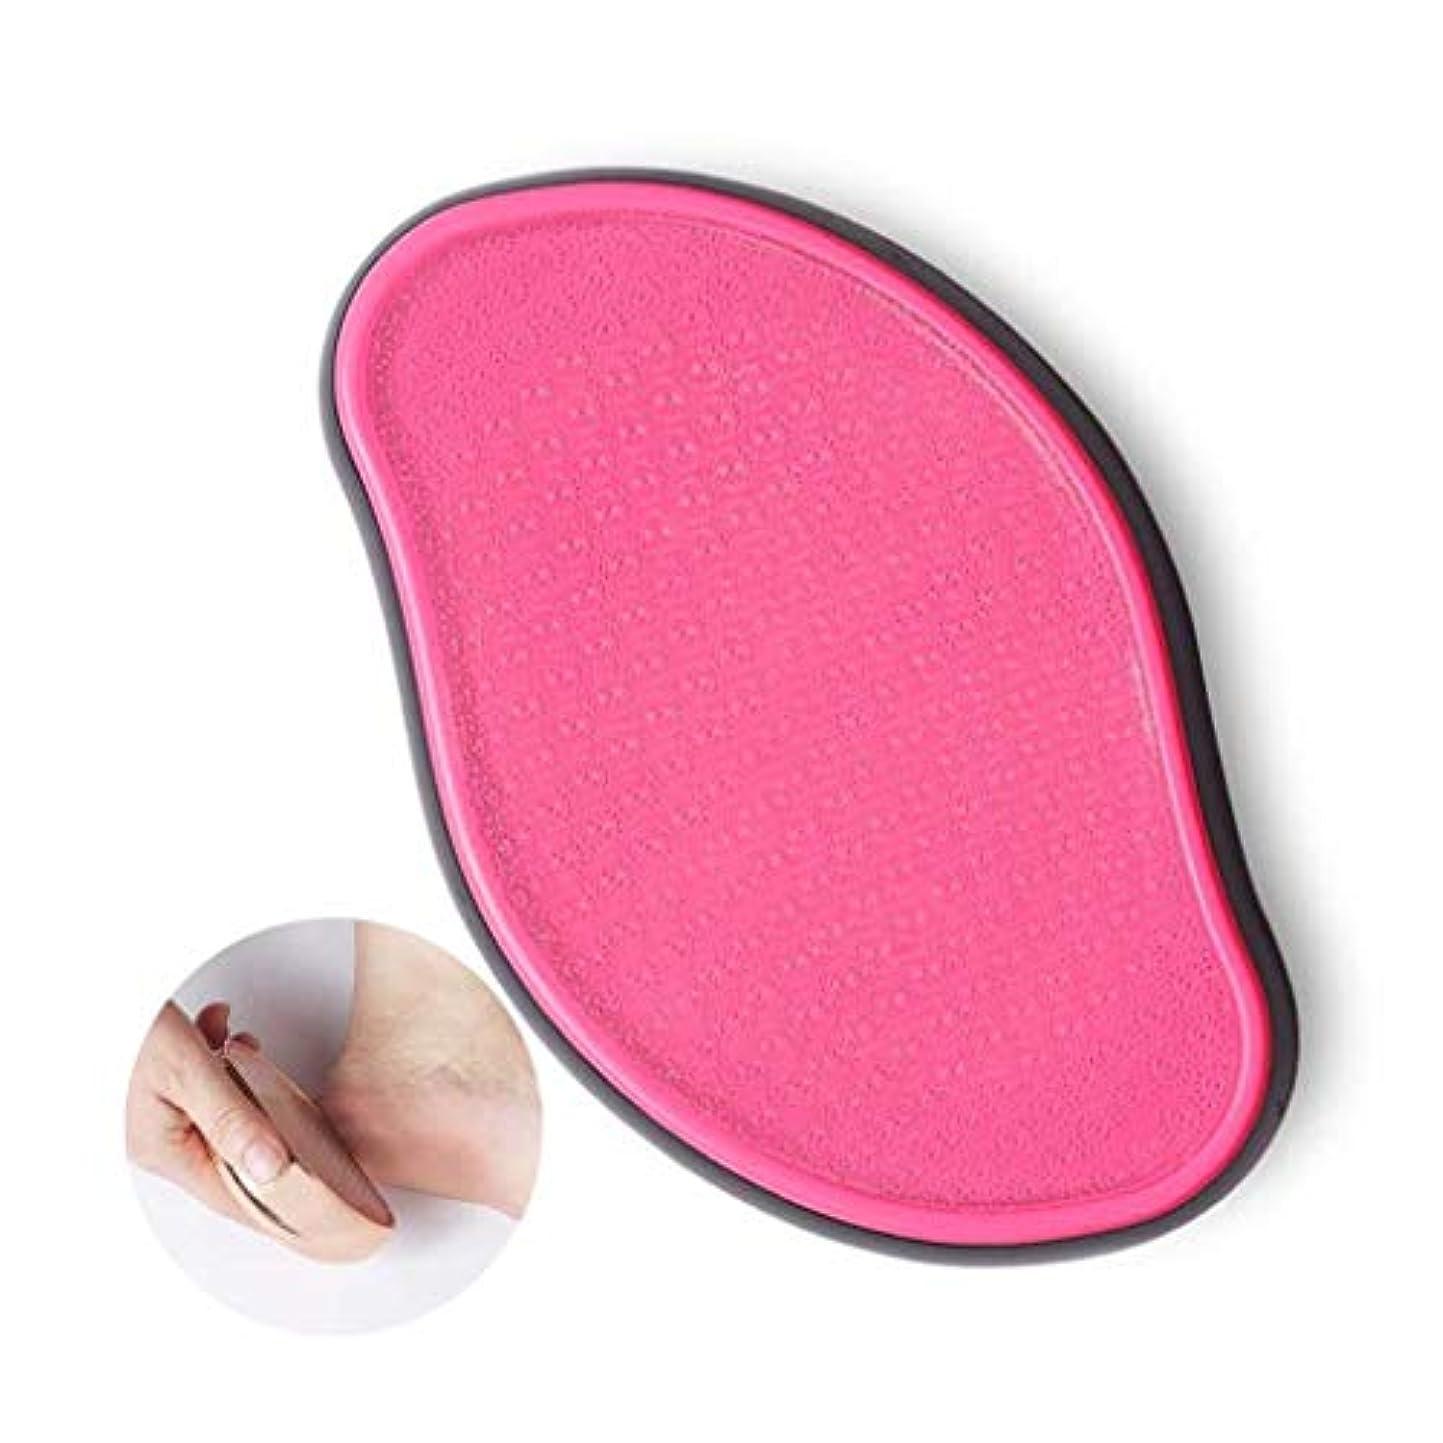 学習シャトル木材フット研削盤フットツール、グラスフットボード、エクスフォリエイティング、砥石、簡単にきれいな、老人、成人男性と女性、アスリートに適して WEIXIN (Color : Rose red)